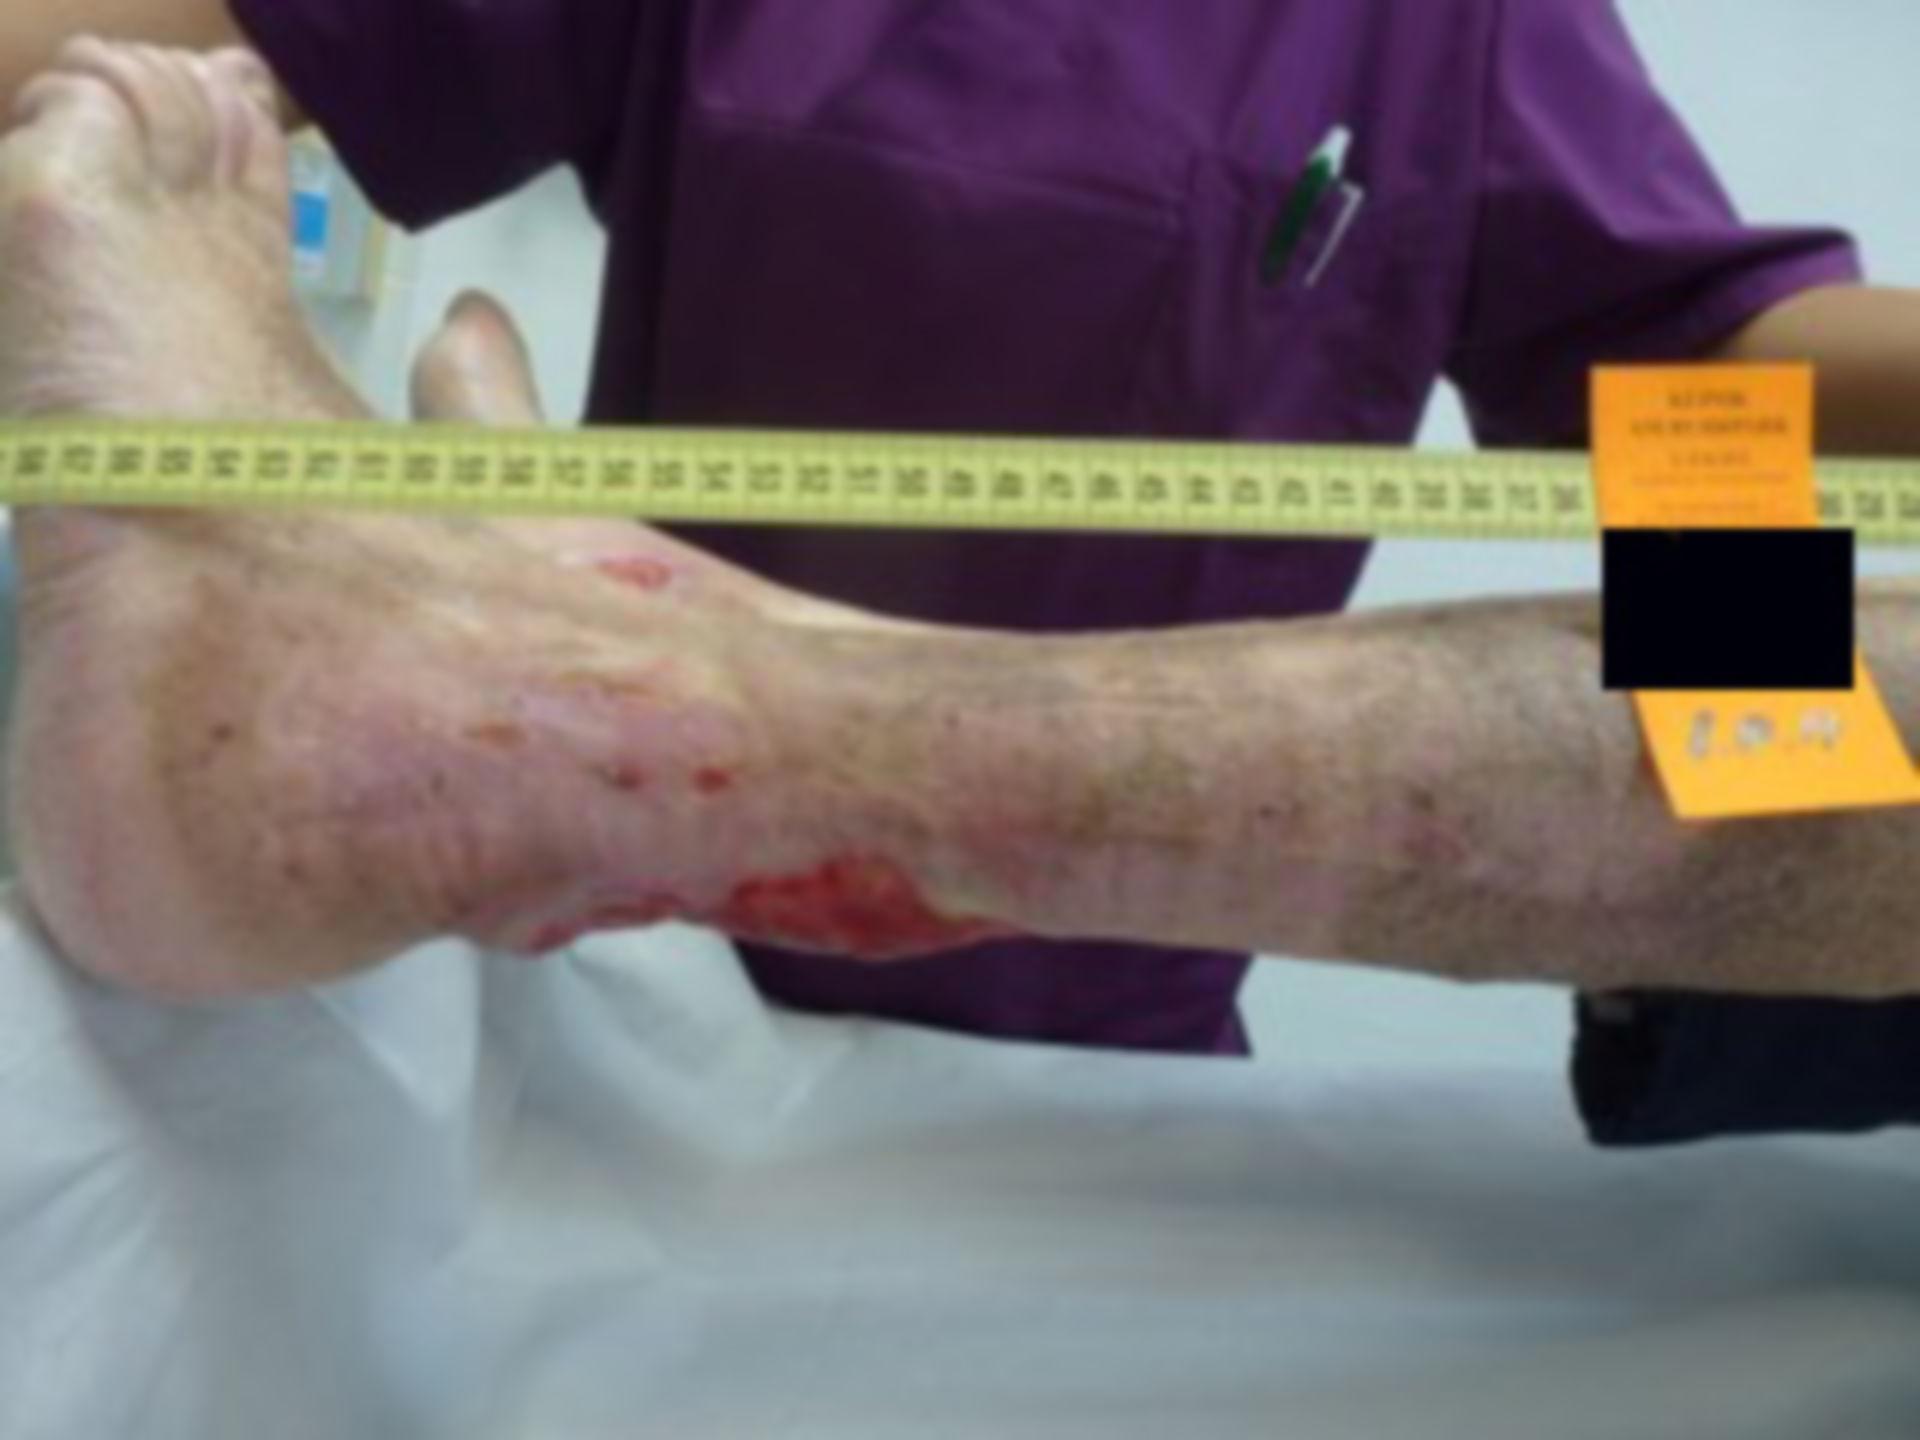 Úlcera de la pierna - abierta por 40 años (30)